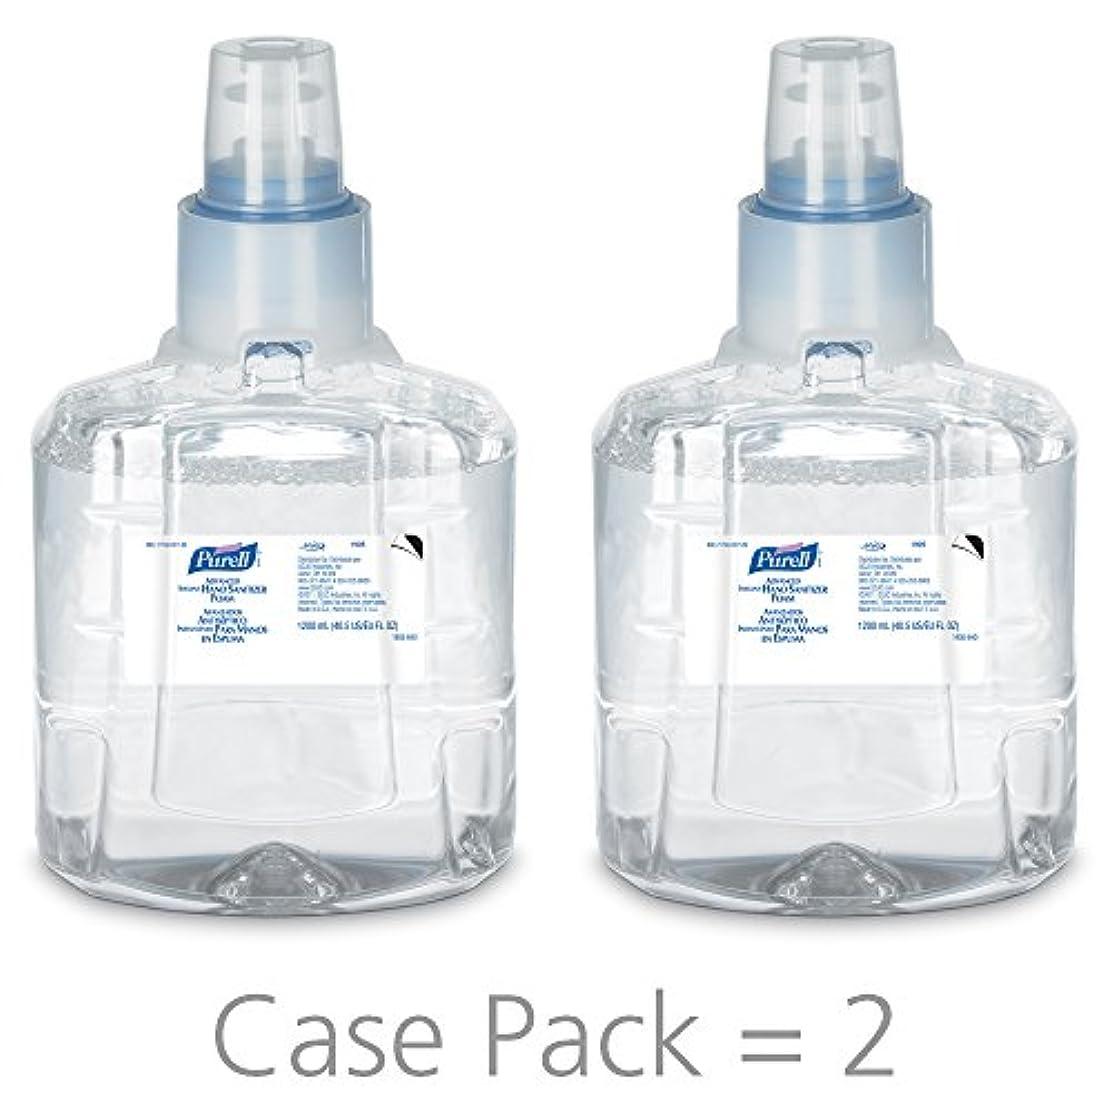 恐れる石のエジプトPURELL 1905-02 1200 mL Advanced Hand Sanitizer Foam, LTX-12 Refill (Pack of 2) by Purell